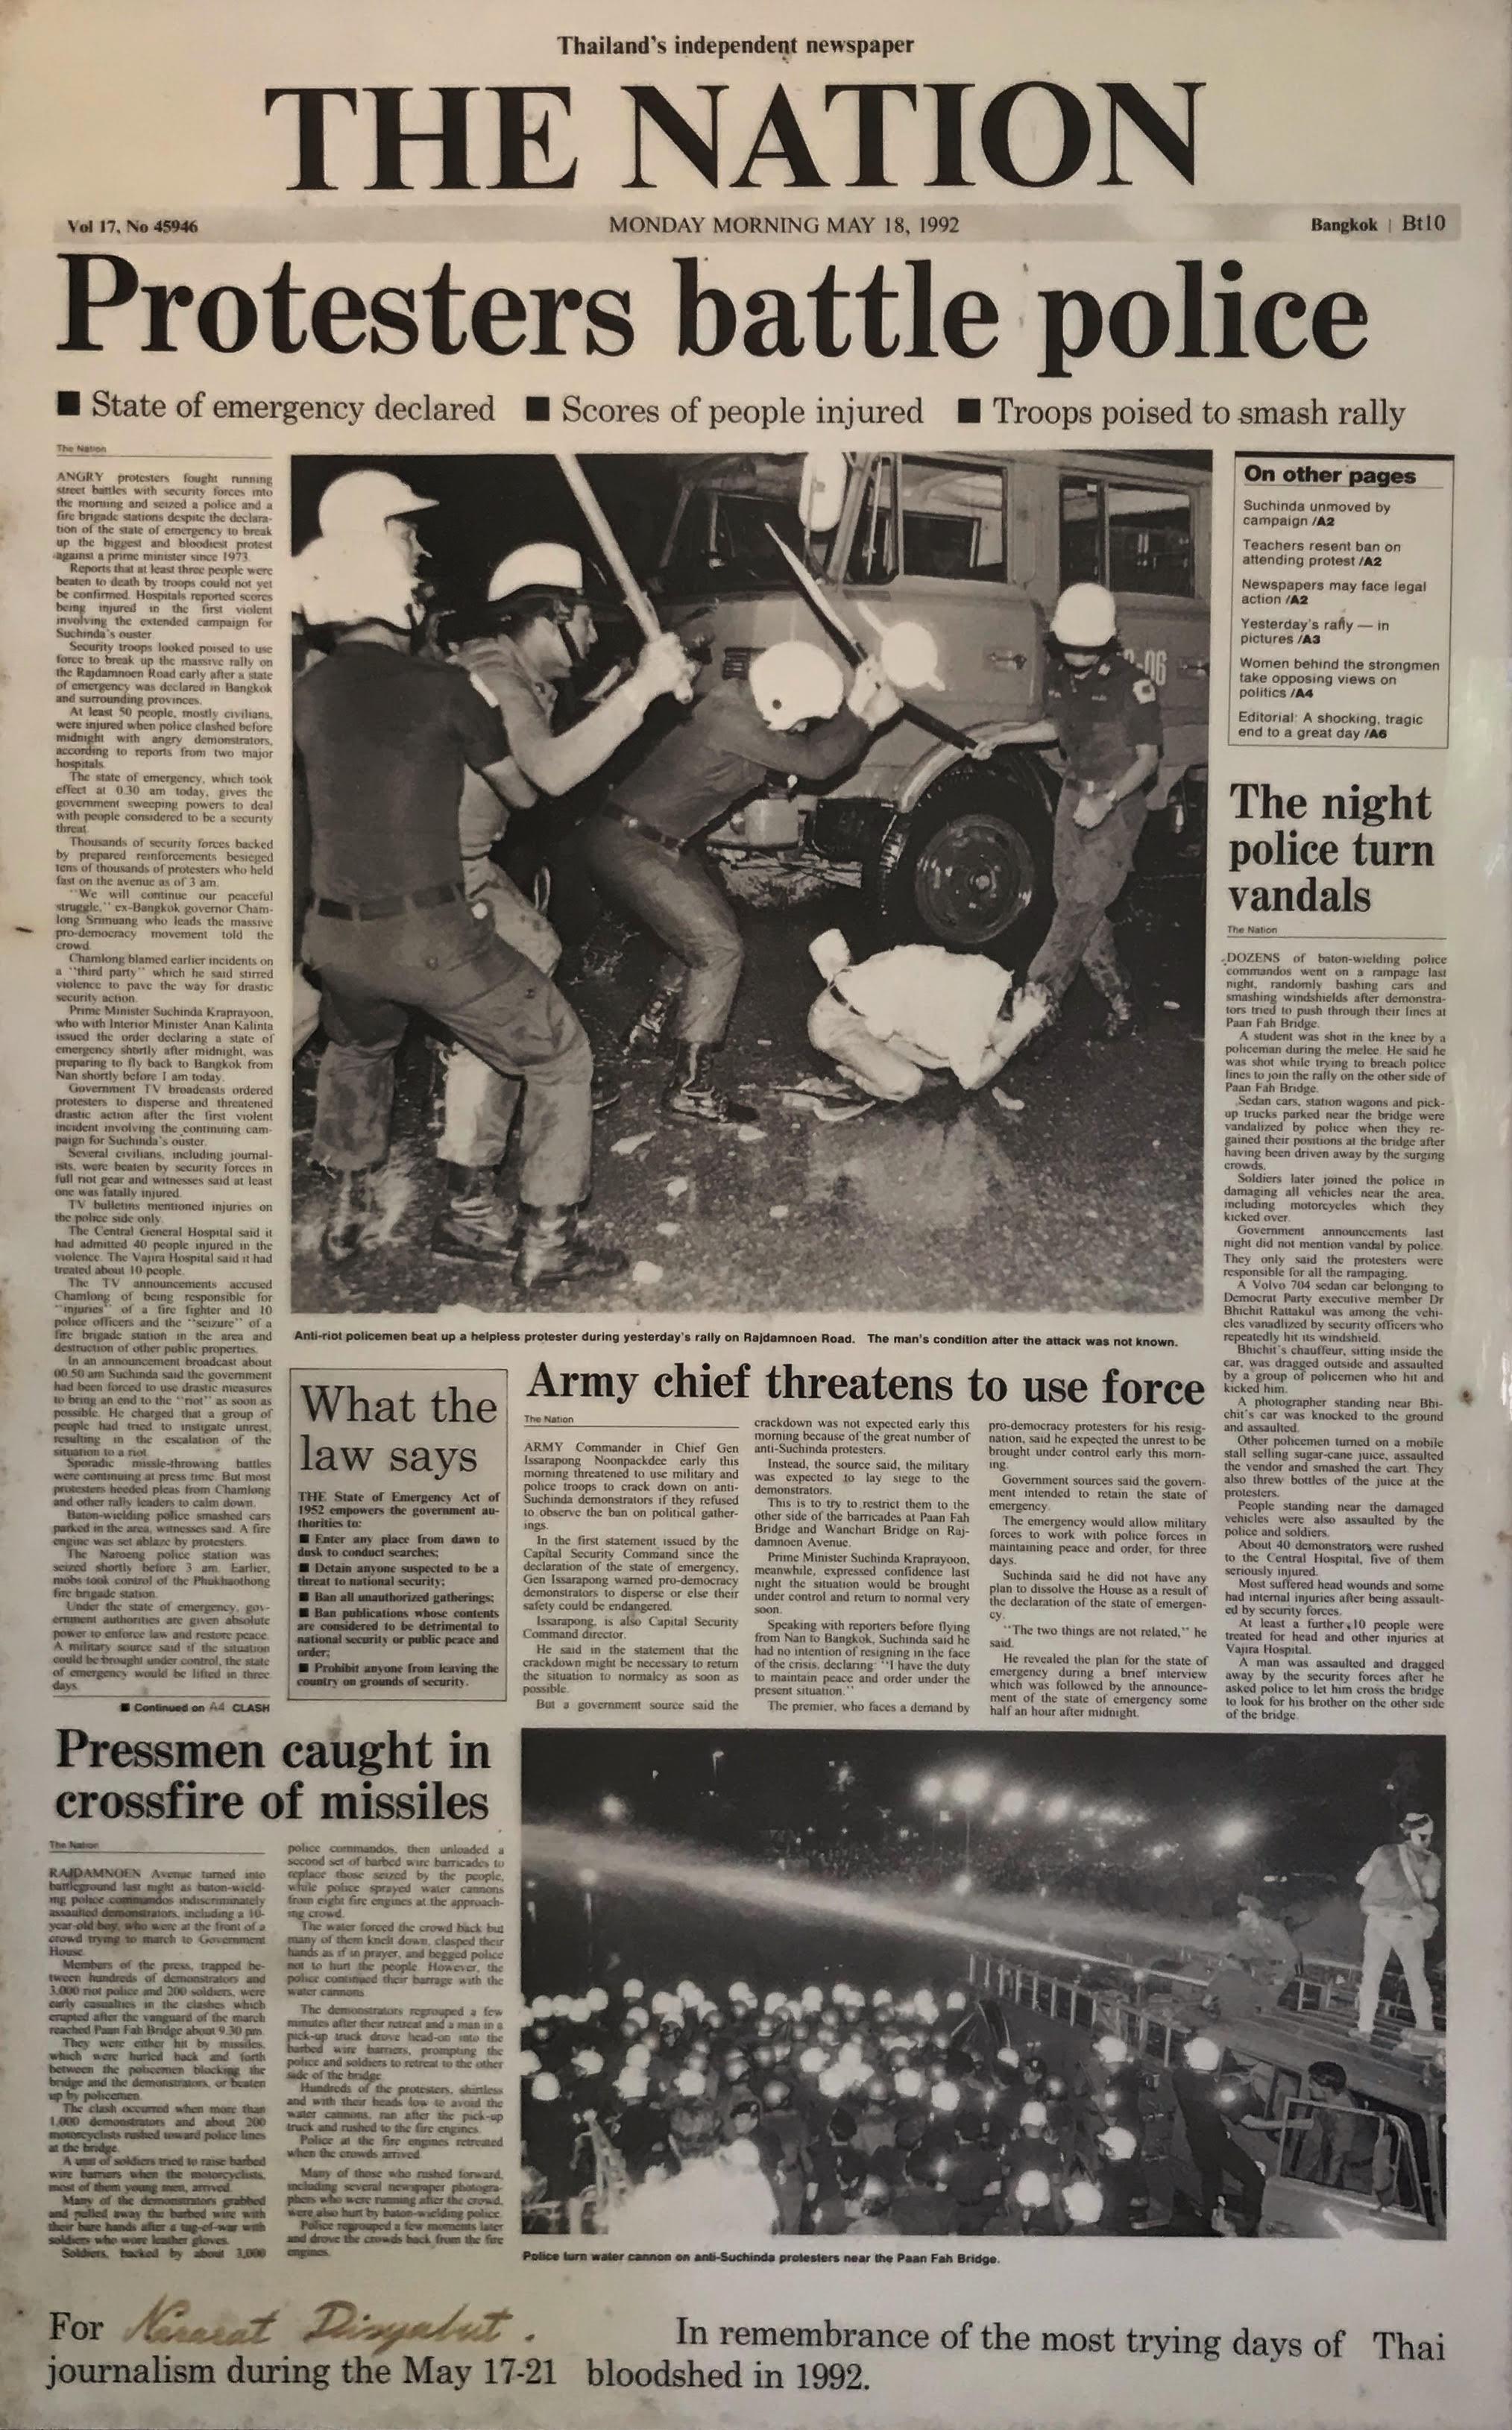 """ภาพหน้า 1 หนังสือพิมพ์เดอะเนชั่น วันจันทร์ที่ 18 พฤษภาคม 2535 เหตุการณ์ """"พฤษภาทมิฬ"""" ทั้งสองภาพ ถ่ายเมื่อวันที่ 17 พ.ค. 35 ขณะผู้ชุมนุมฝ่าแนวกั้นของเจ้าหน้าที่ บริเวณสะพานผ่านฟ้าฯ"""